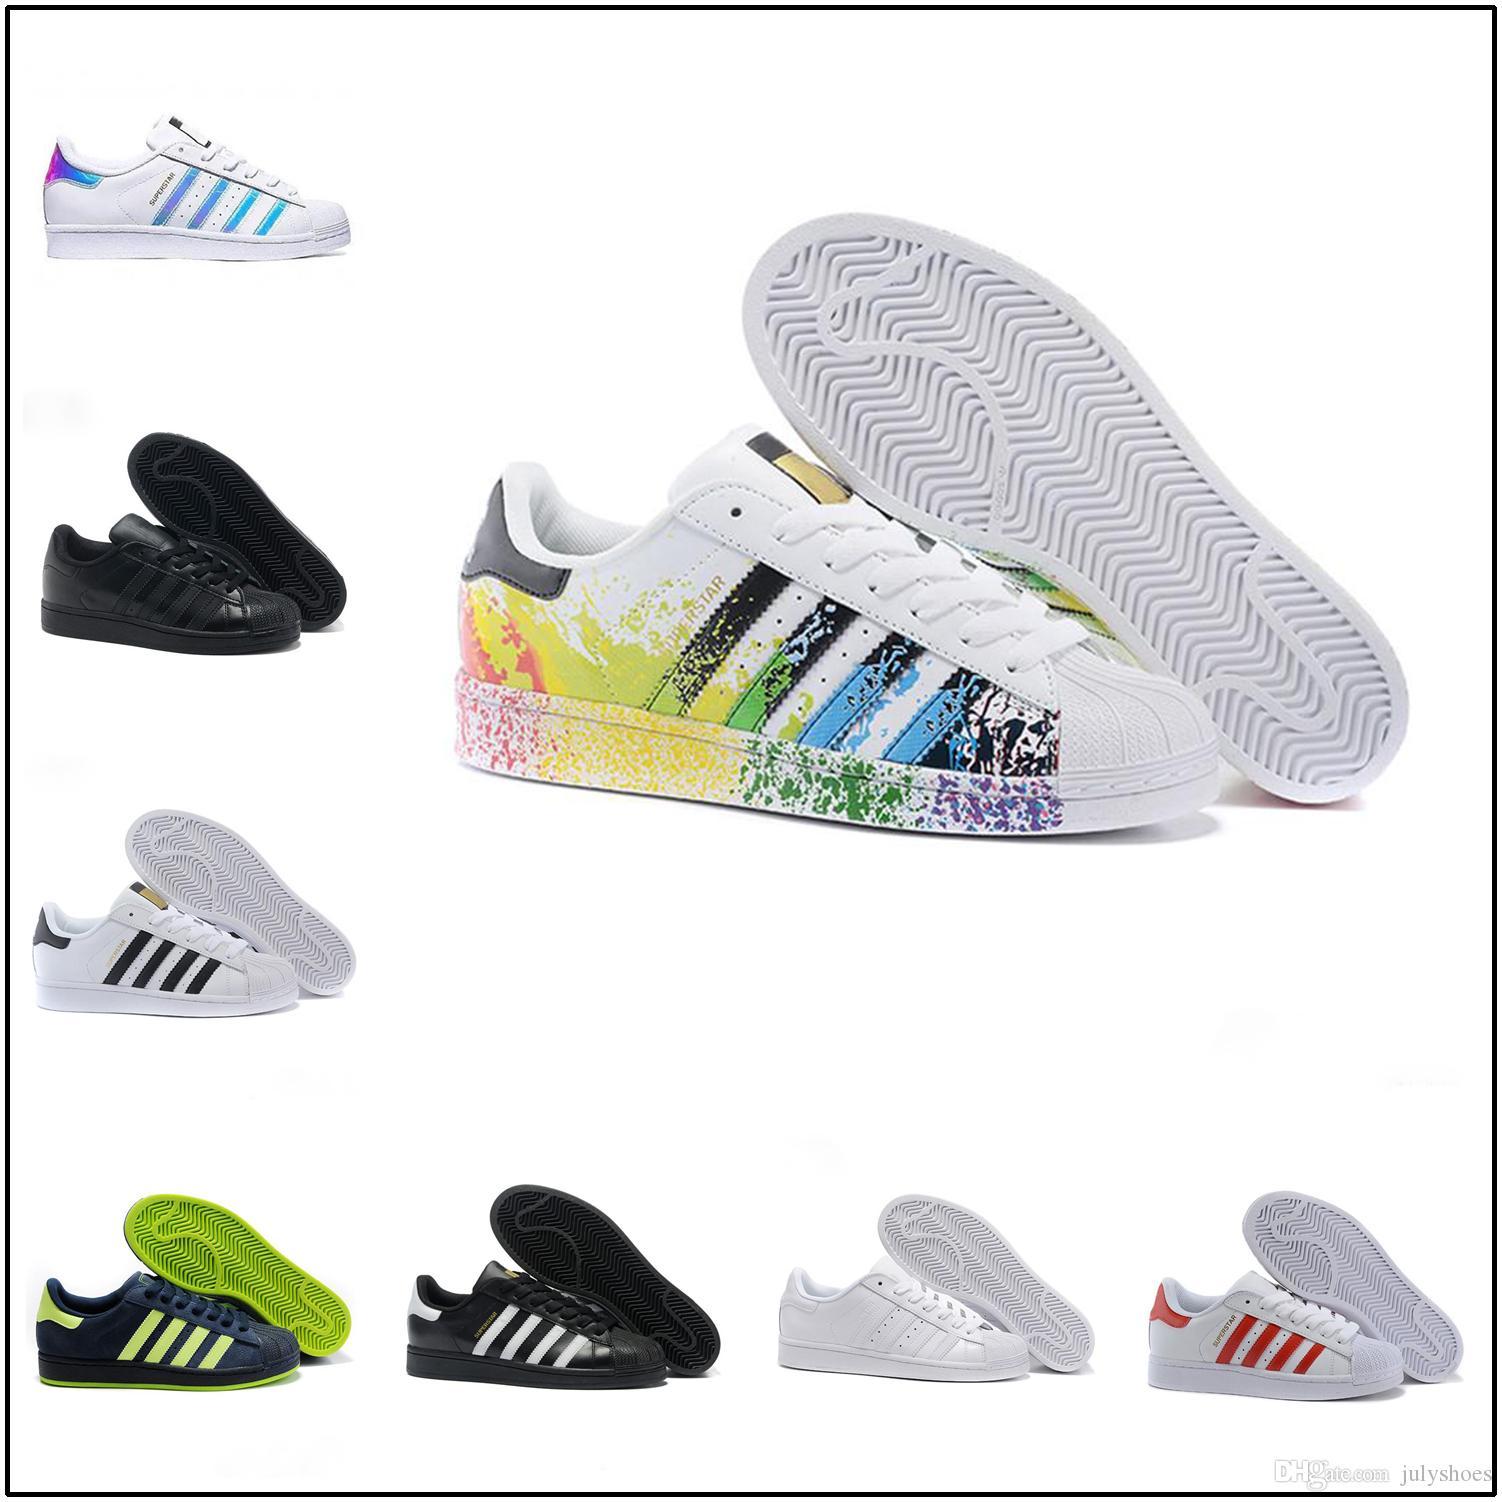 Adidas Superstar Smith Allstar New Originals Superstar Weißes Hologramm Irisierende Junior Superstars 80er Jahre Stolz Sneakers Super Star Damen